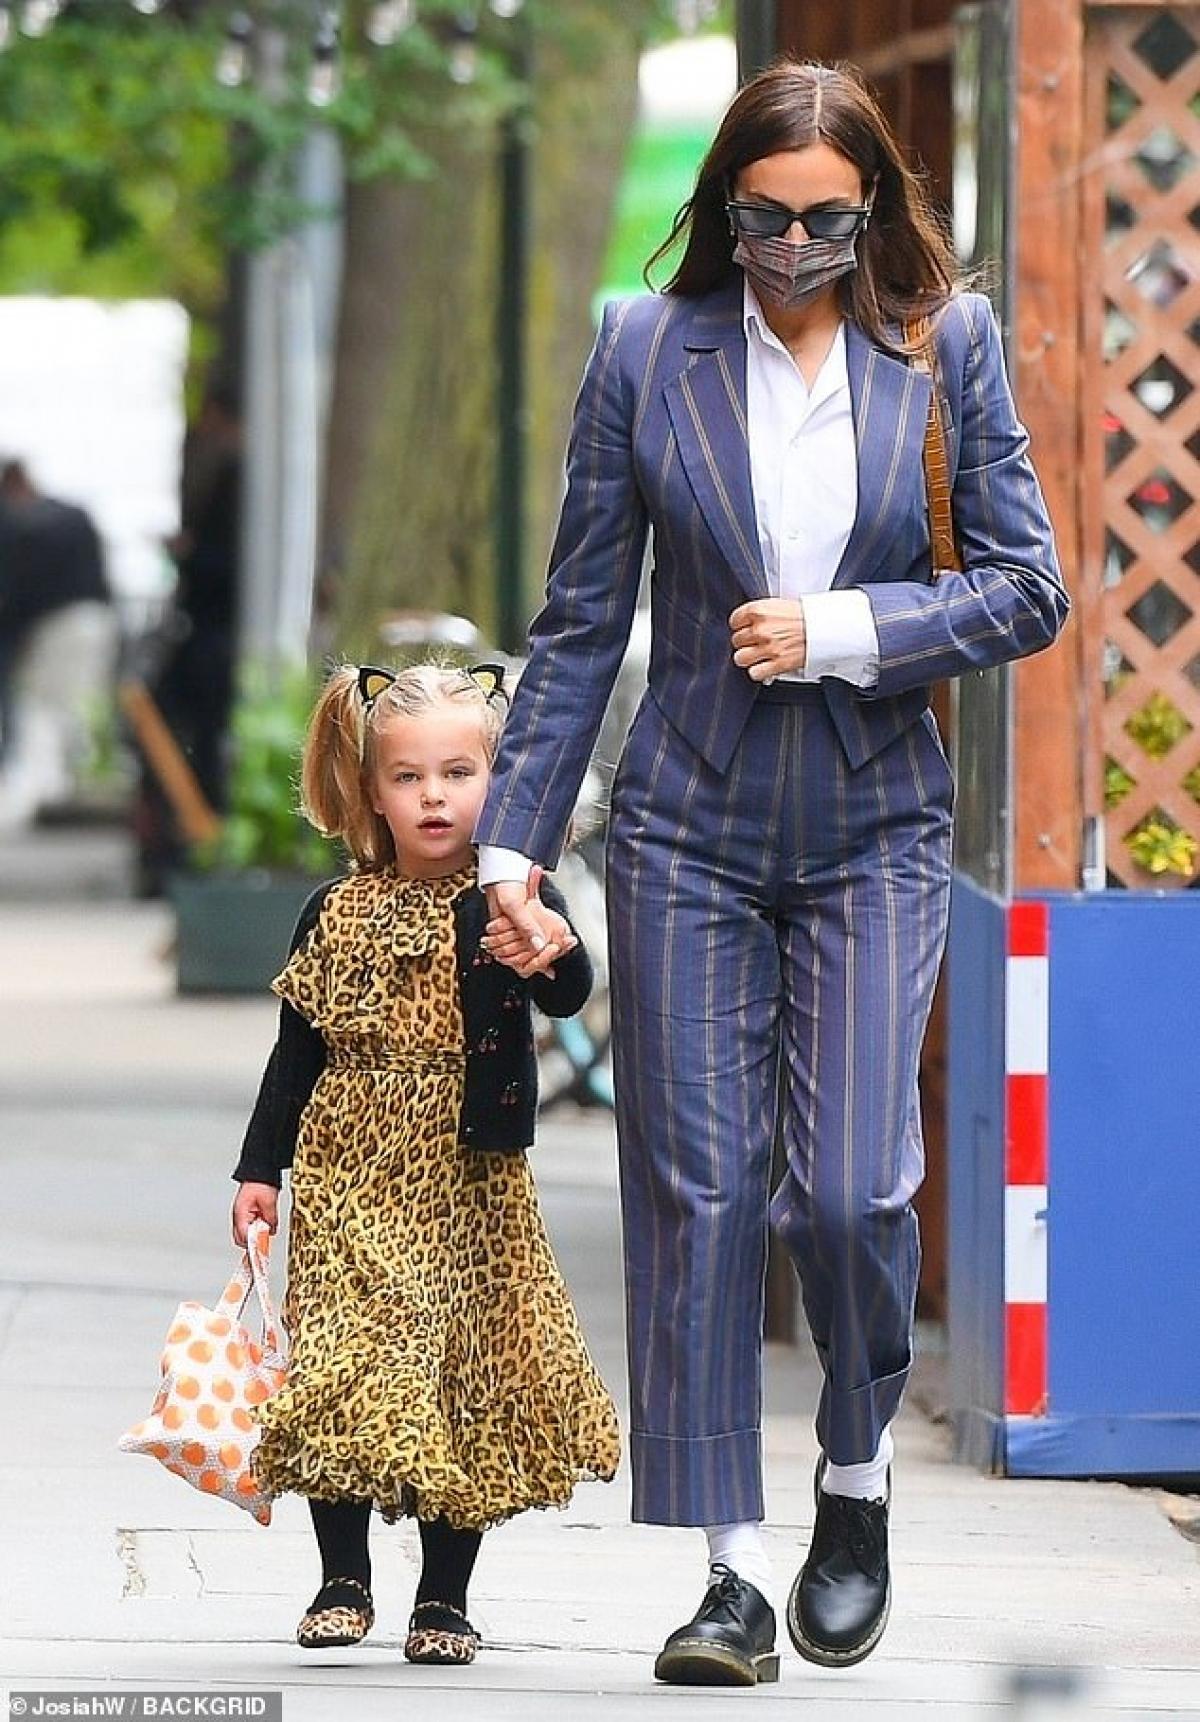 Irina Shayk và Bradley Cooper bị cánh săn ảnh bắt gặp khi đang đưa con gái Lea đến trường ở New York hôm 3/5.